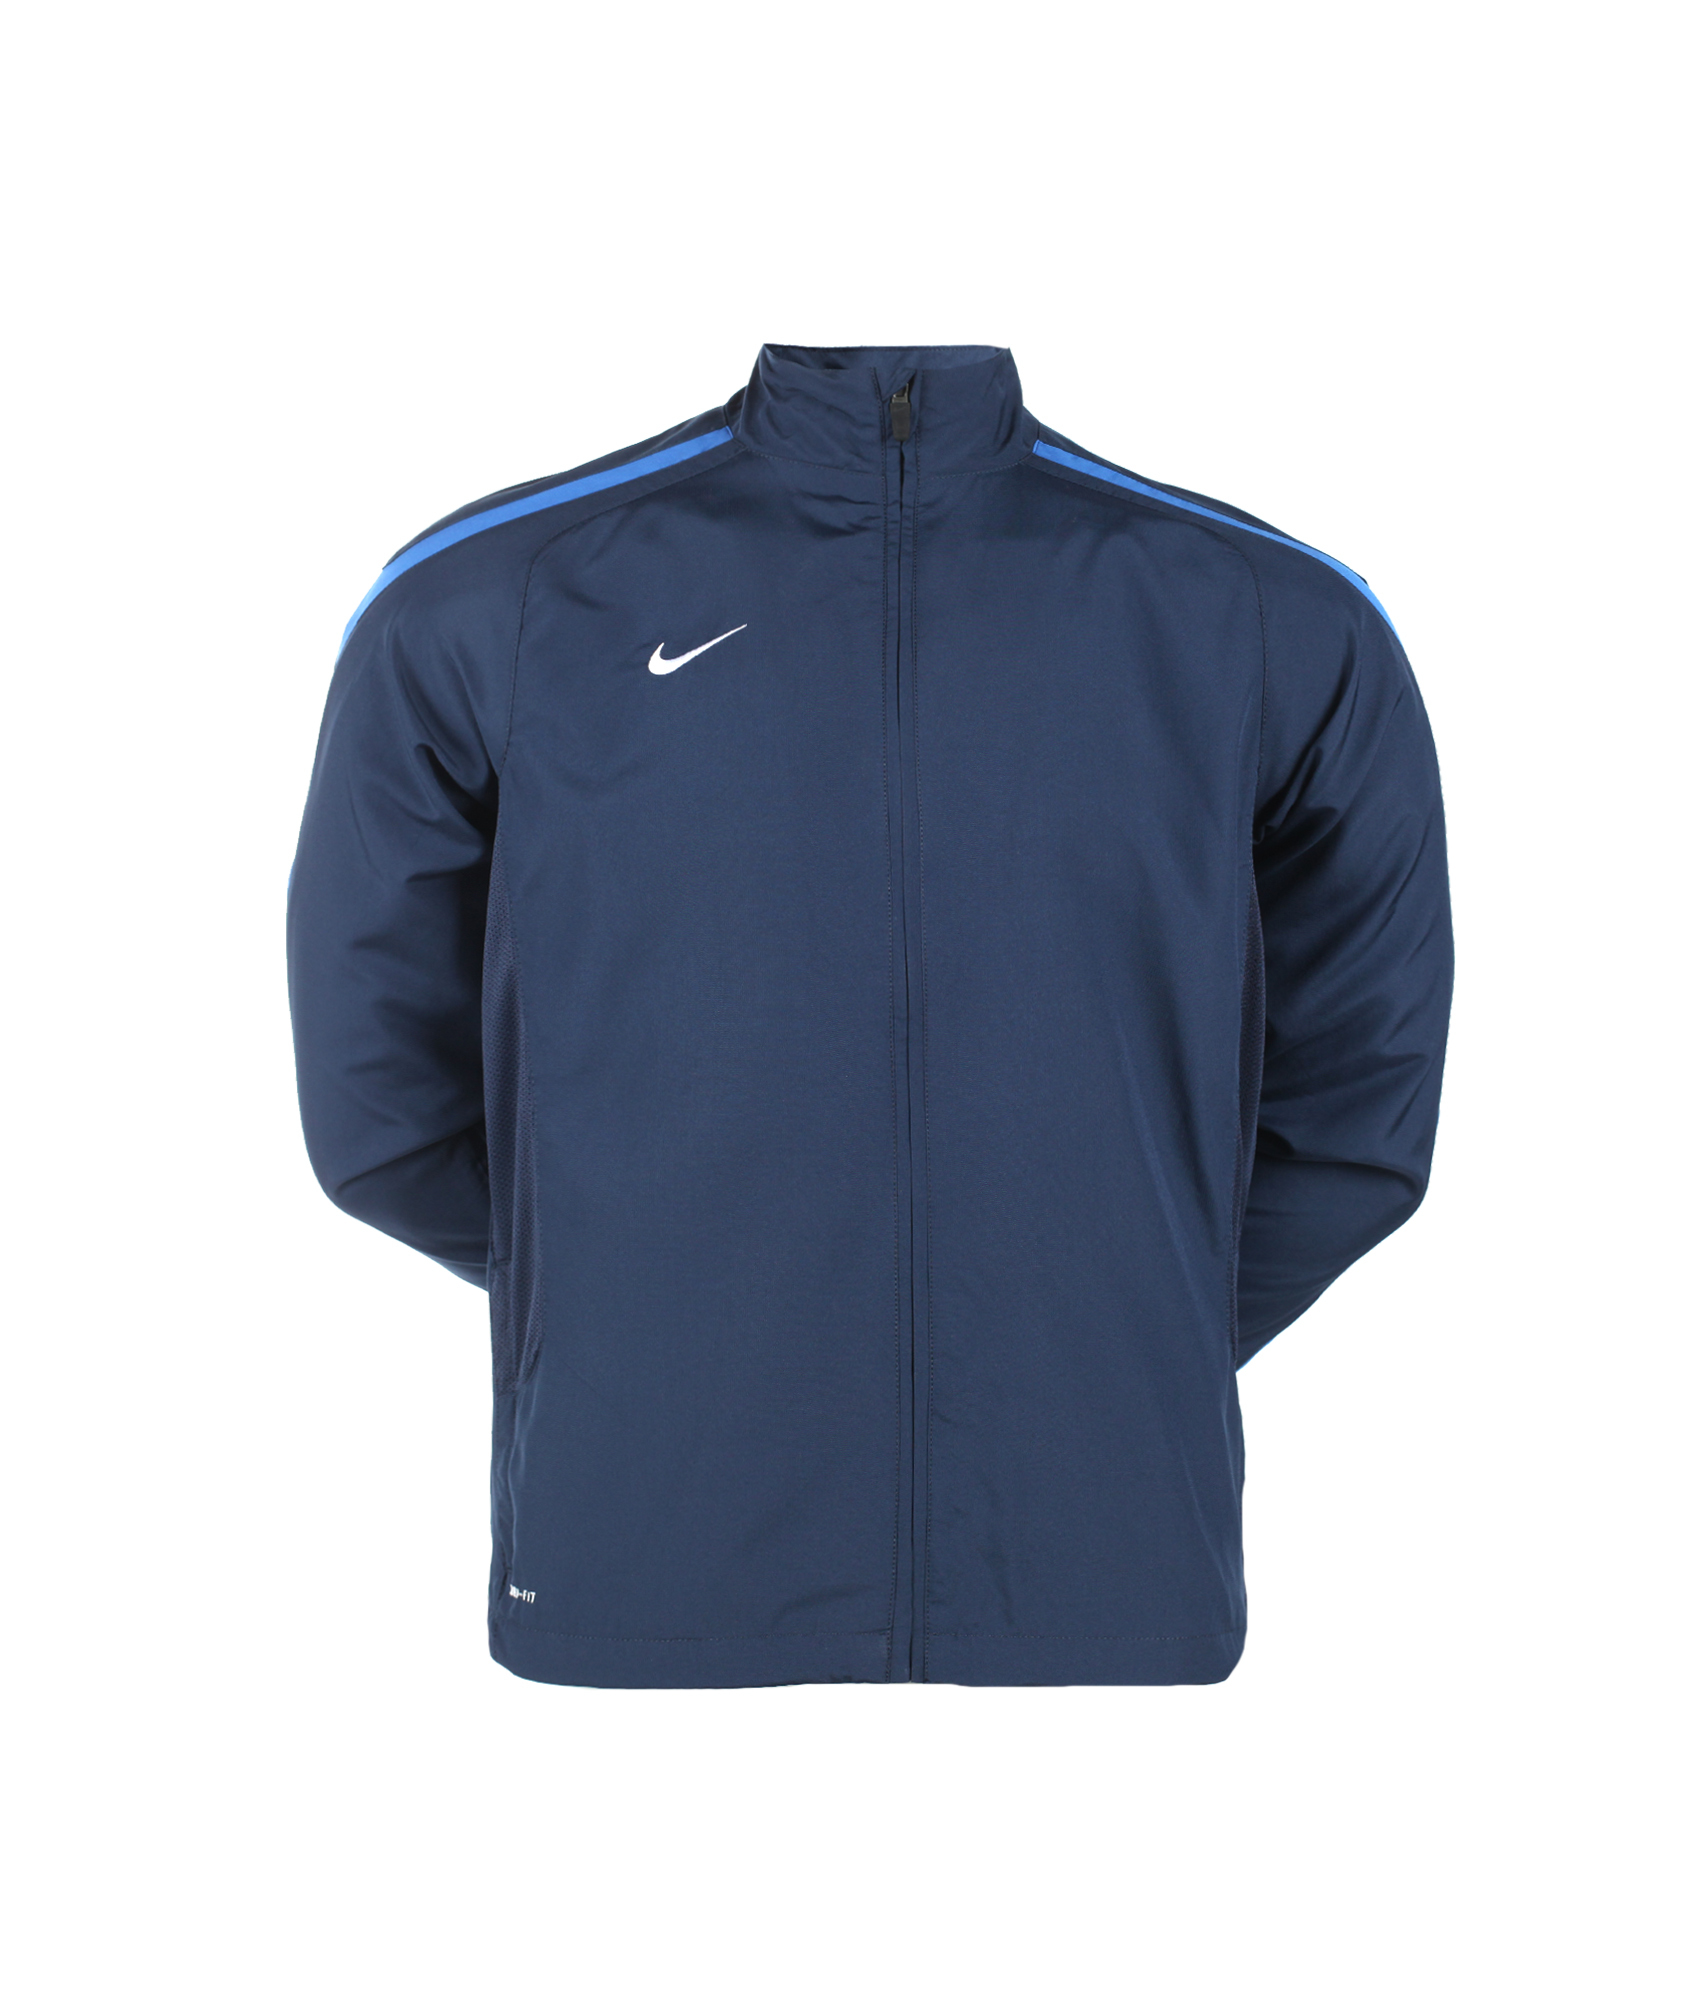 Куртка Nike BOYS COMP 11, Цвет-Темно-Синий, Размер-XS